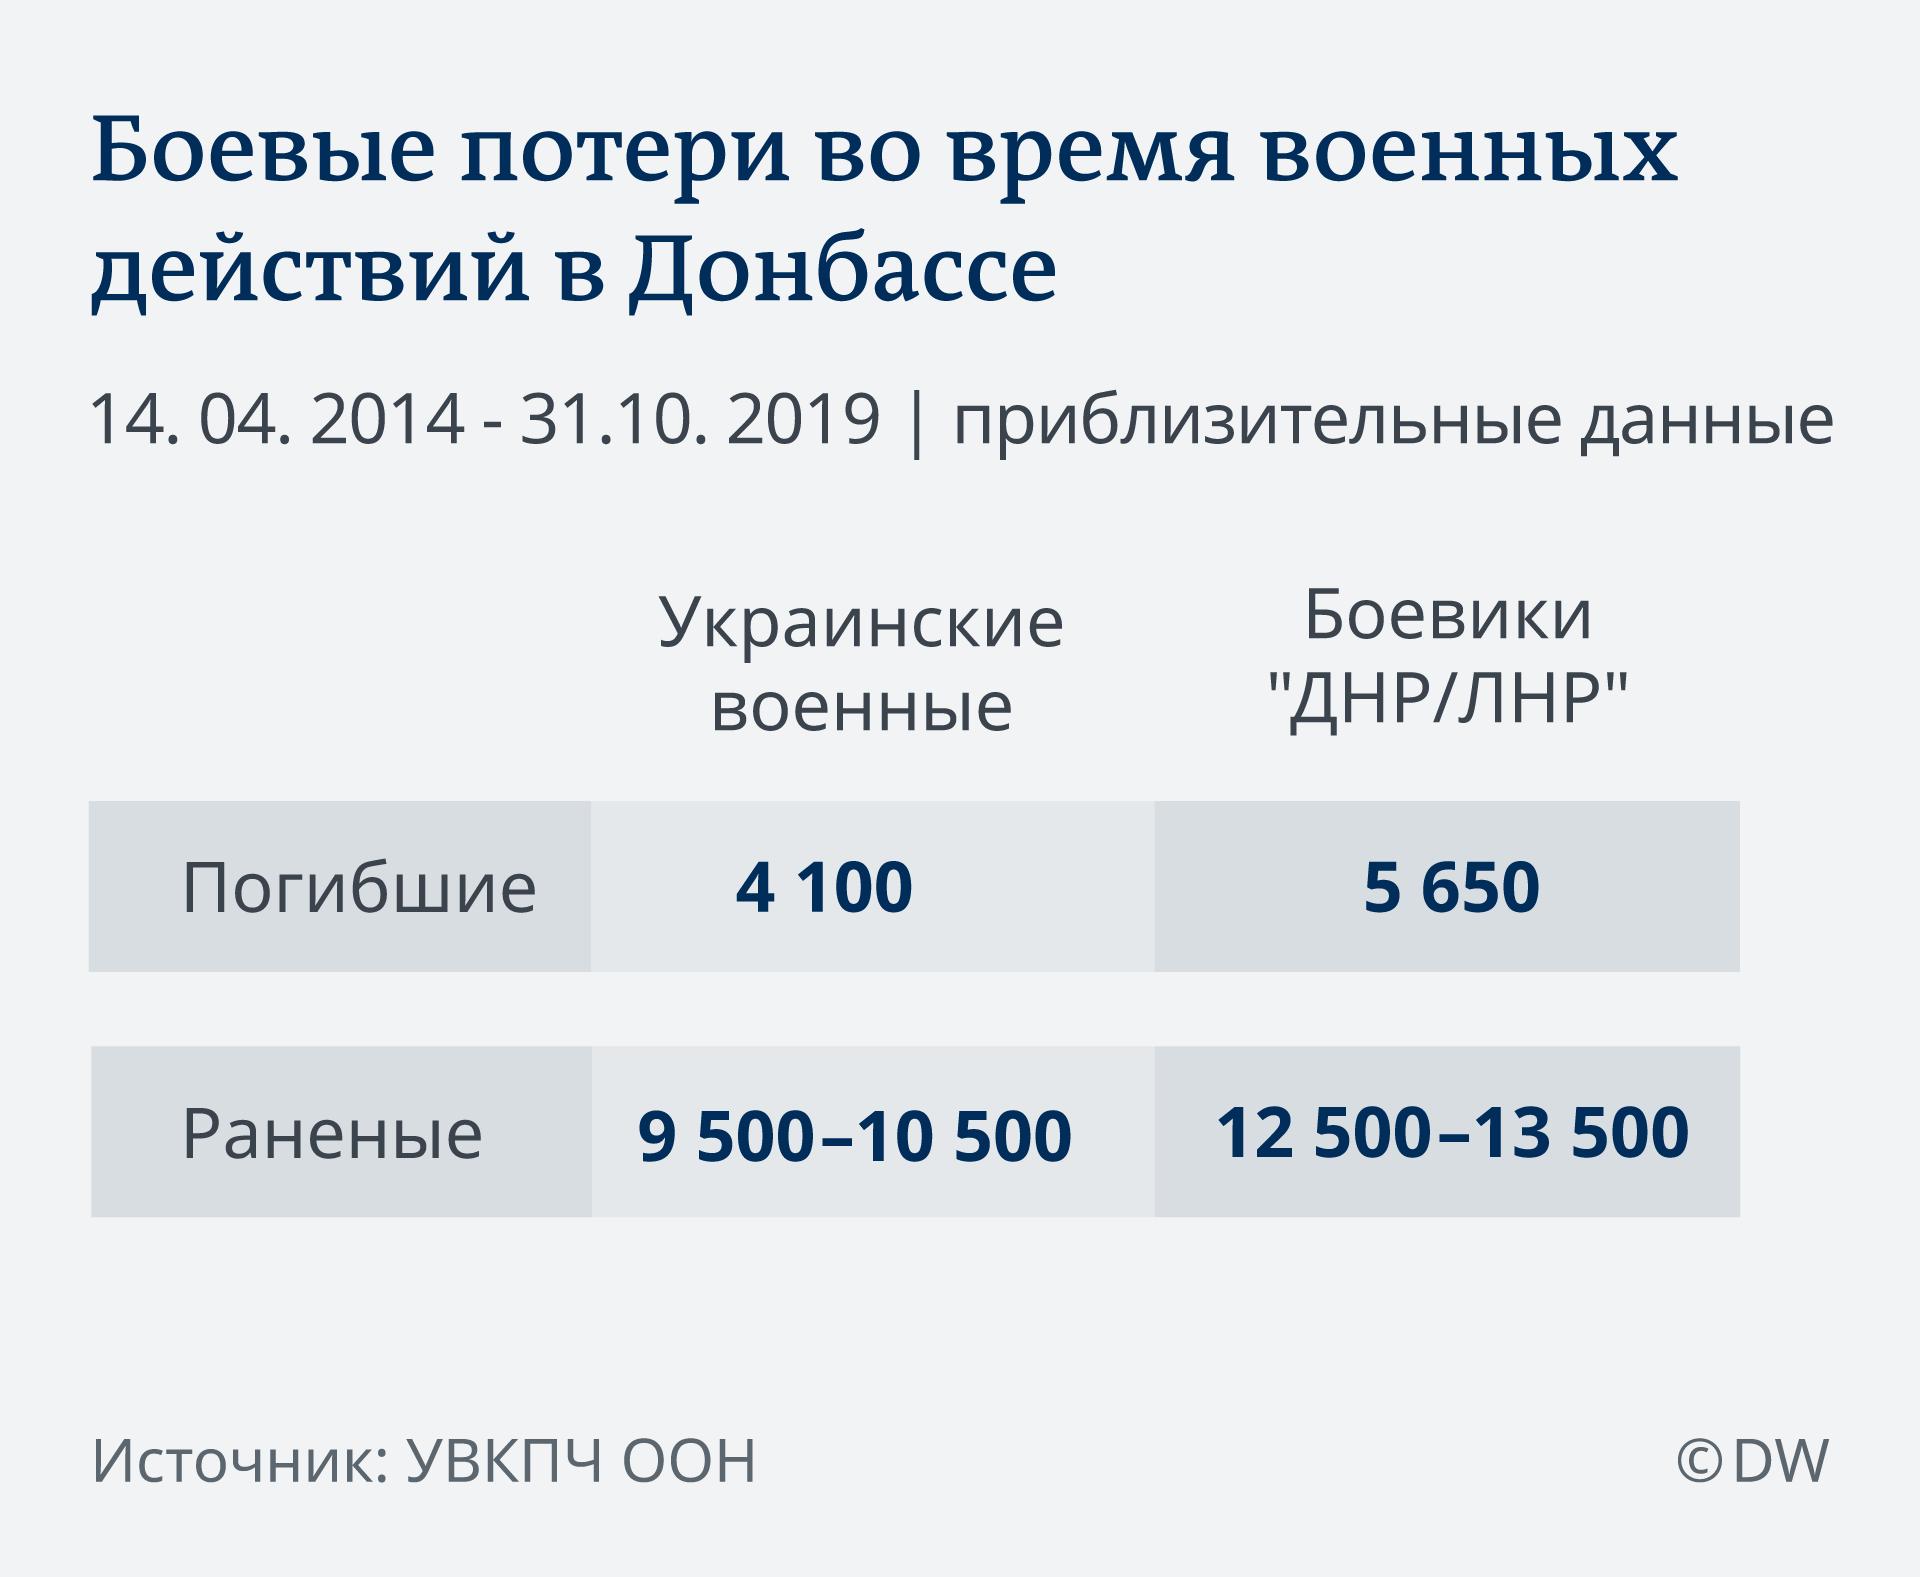 Инфографика Боевые потери во время военных действий в Донбассе